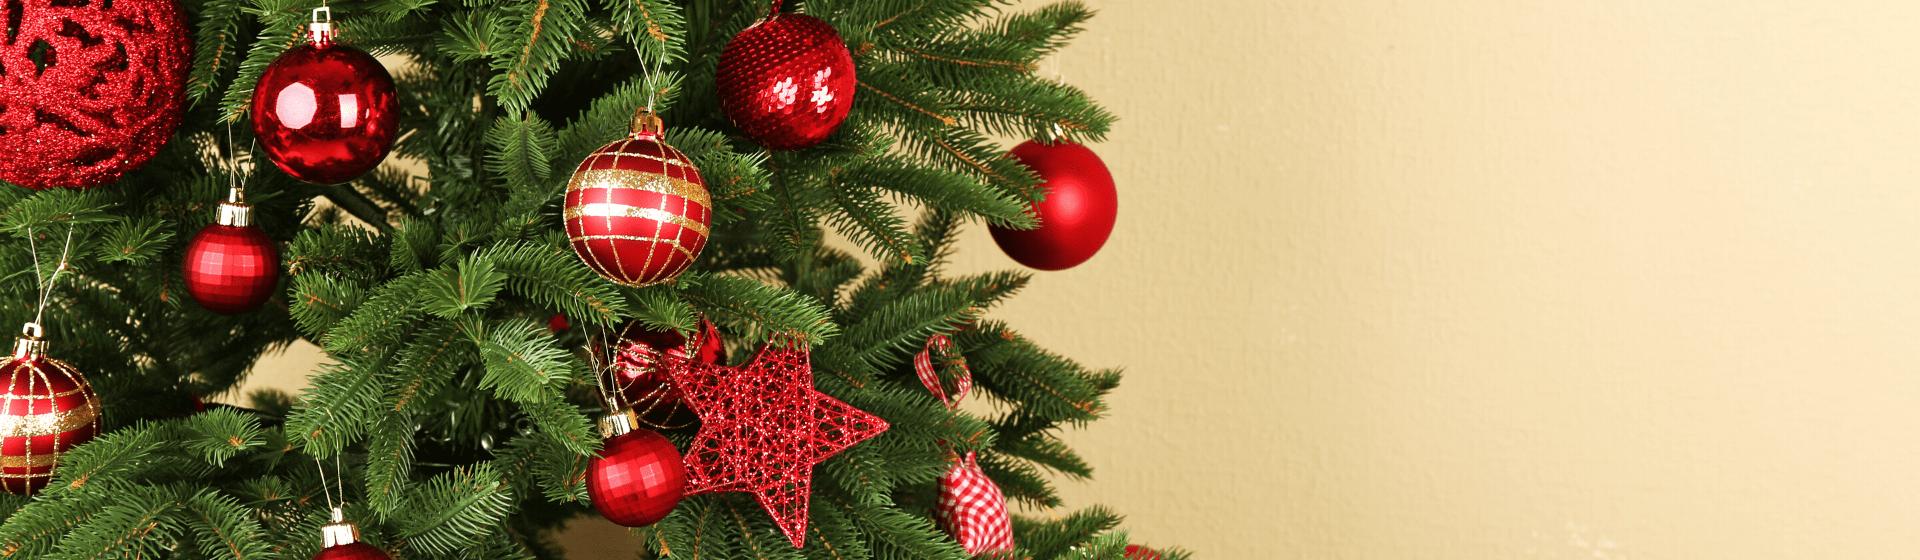 Decoração de Natal 2020: como montar a árvore de Natal?